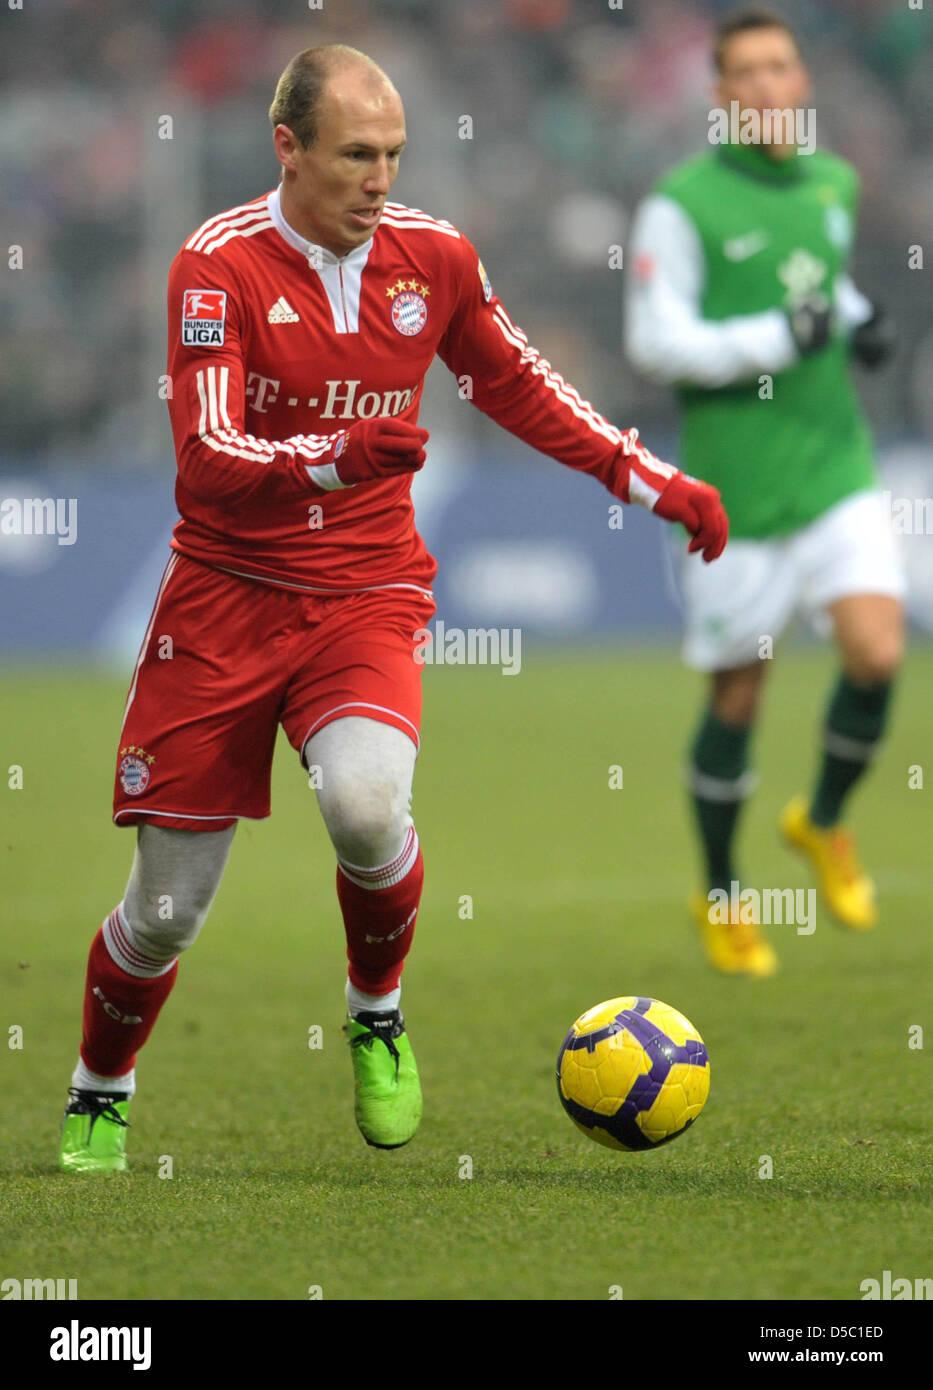 Fu§ball Bundesliga 19. Spieltag: Werder Bremen - Bayern MŸnchen am Samstag (23.01.2010) im Weserstadion in - Stock Image